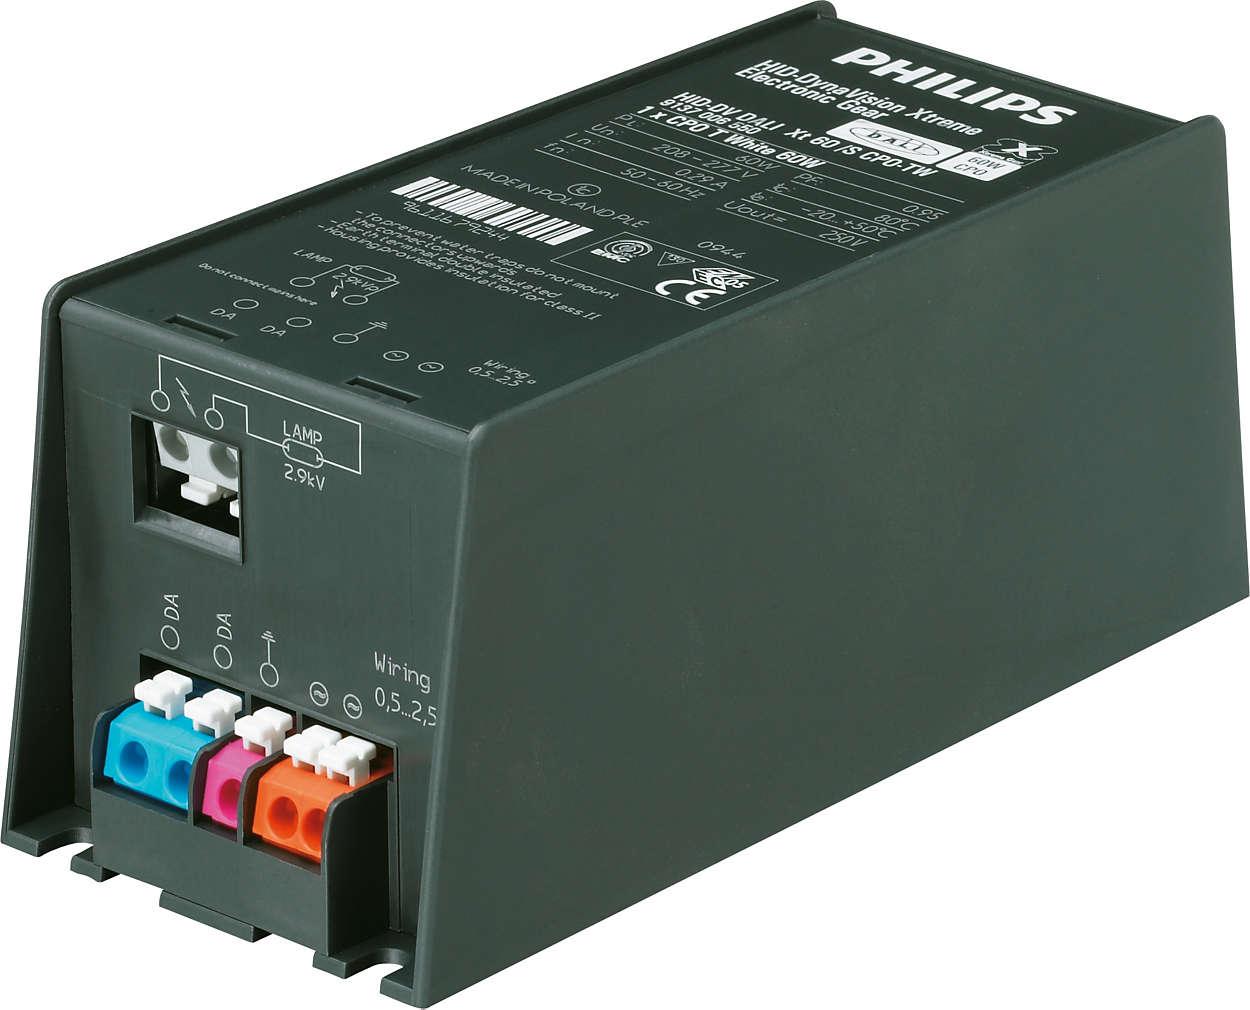 Xtreme-drivere med maksimal energibesparelse